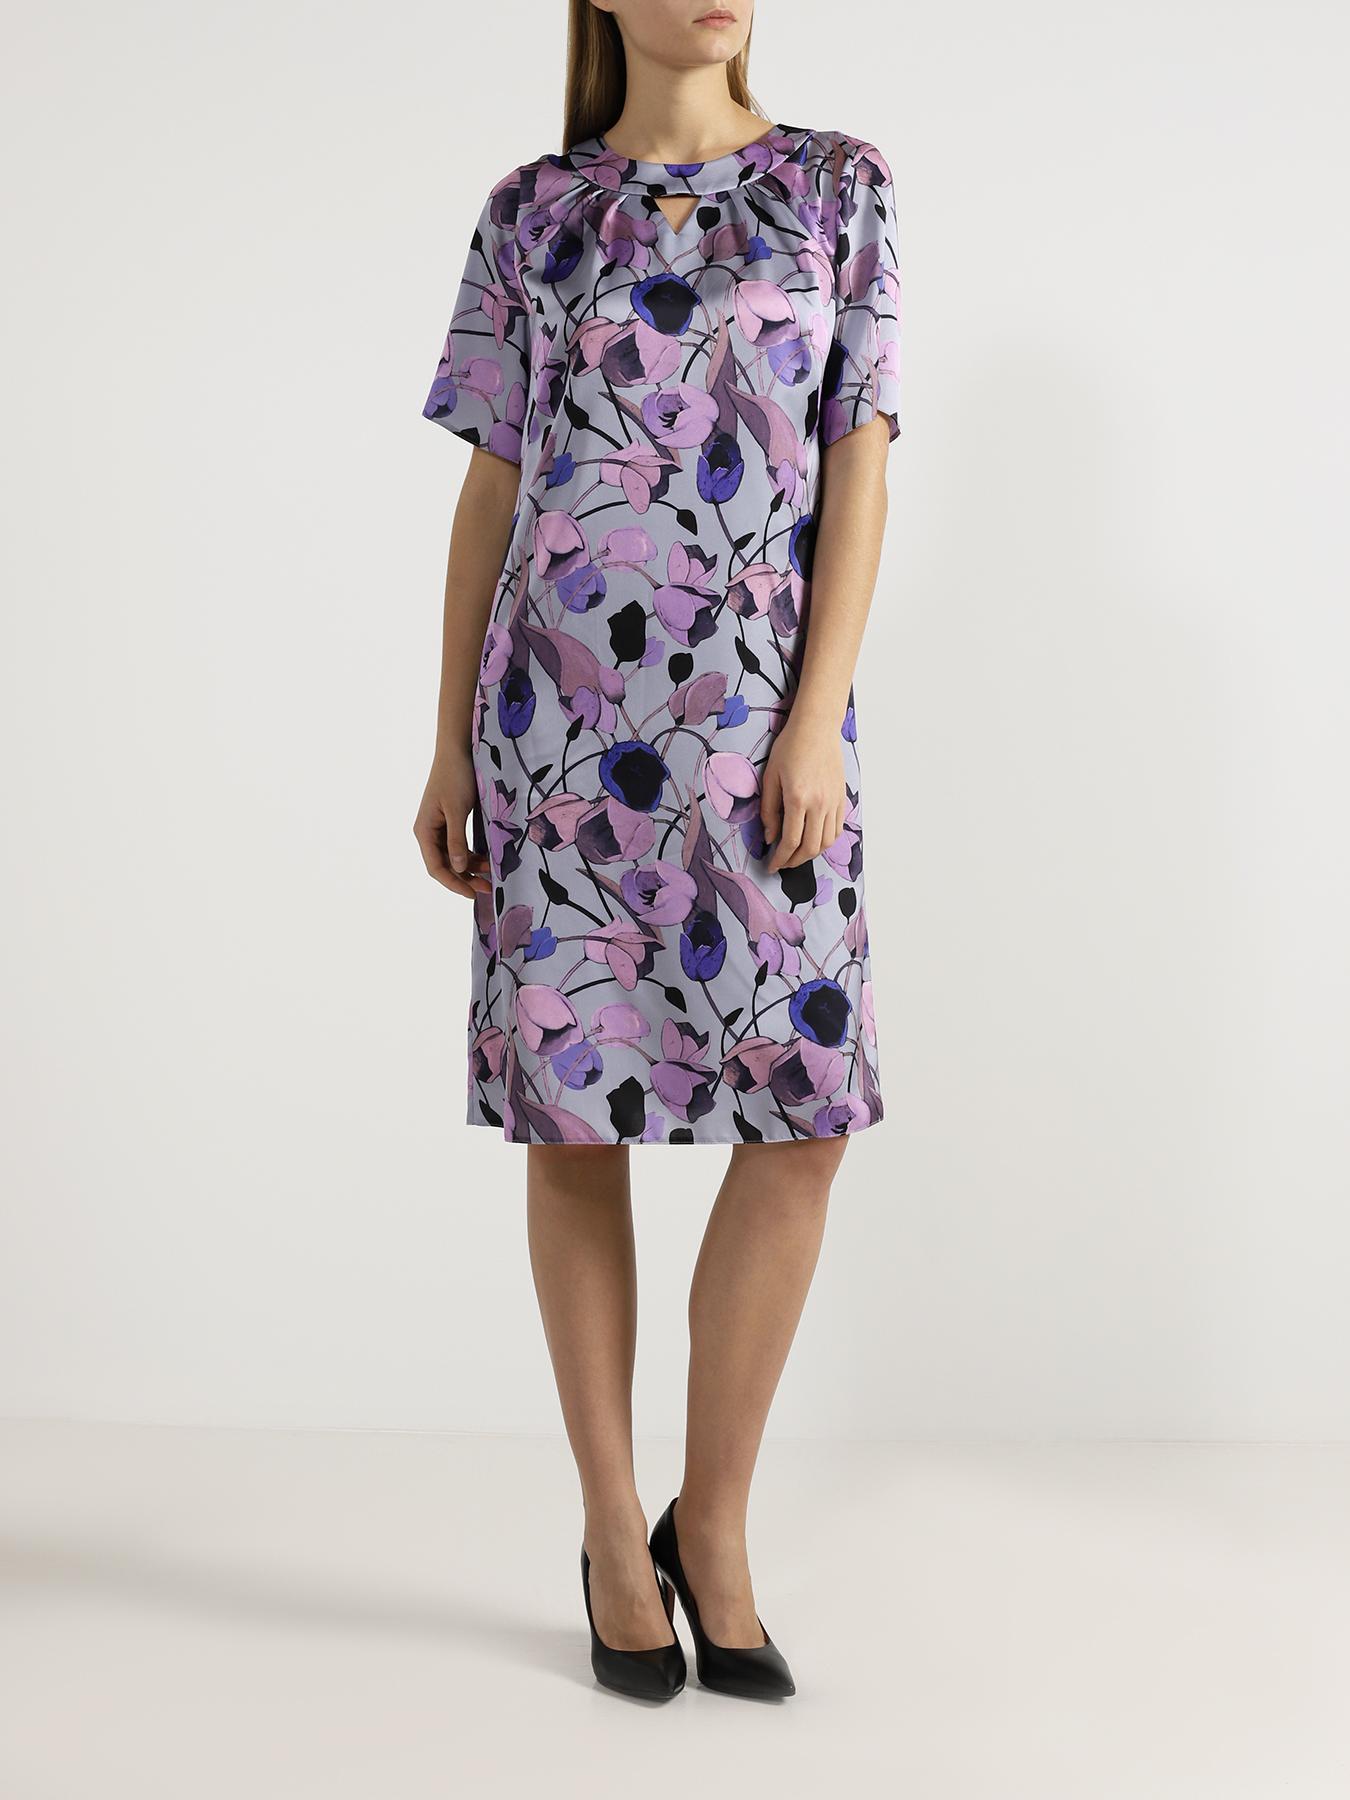 Платье Alessandro Manzoni Женское платье женское платье onfine leo 2015 onfine 2015 cool